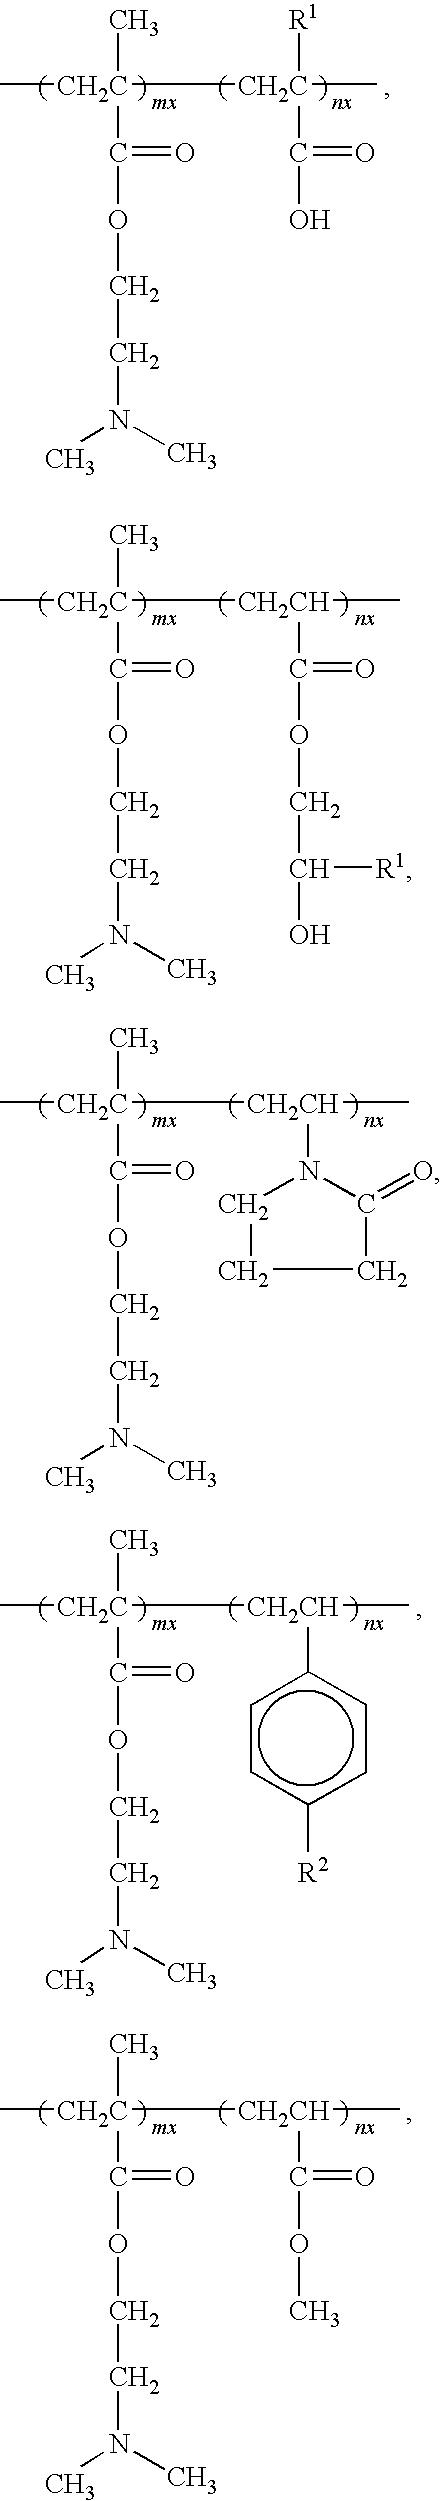 Figure US07915212-20110329-C00052